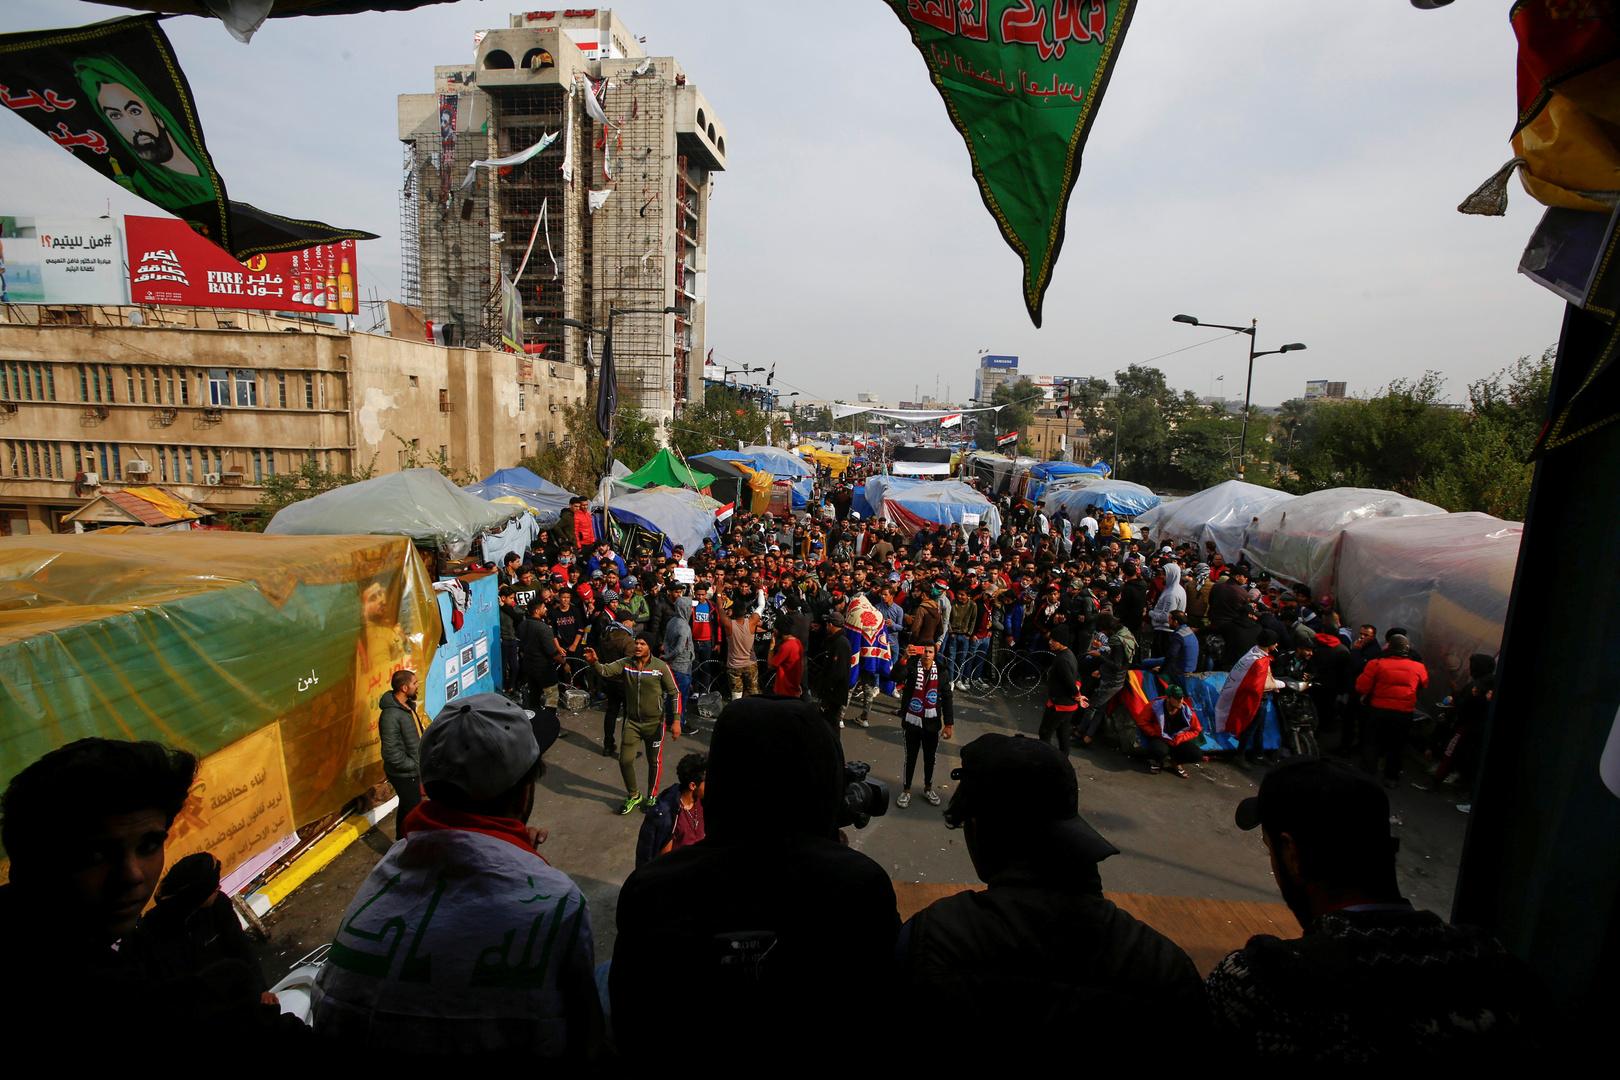 ساحات الاحتجاج في العراق ترفض ترشيح محمد السوداني لرئاسة حكومة جديدة